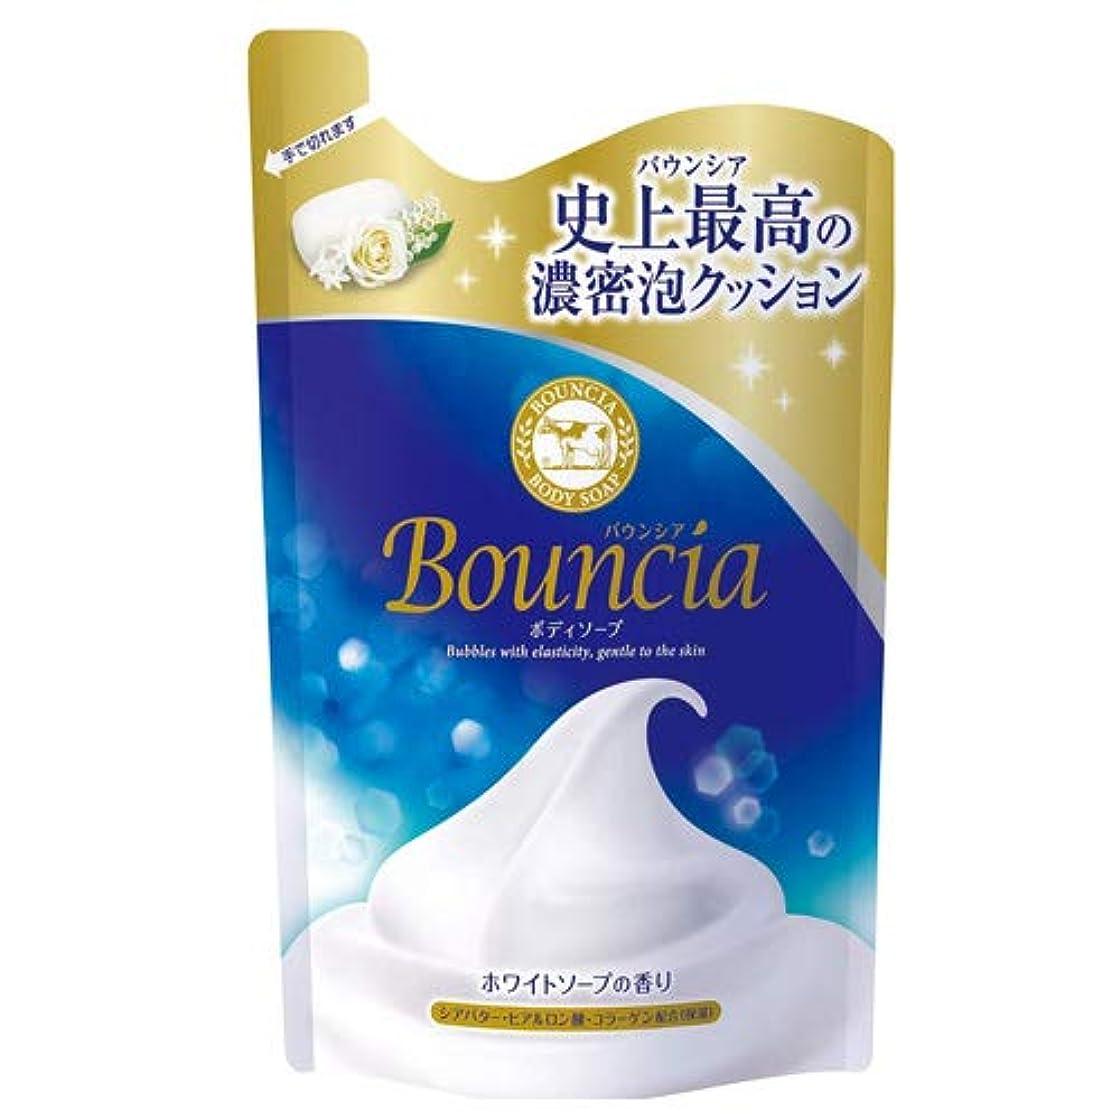 賠償こどもセンター反対した牛乳石鹸 バウンシア ボディソープ 詰替用 400ml×4個